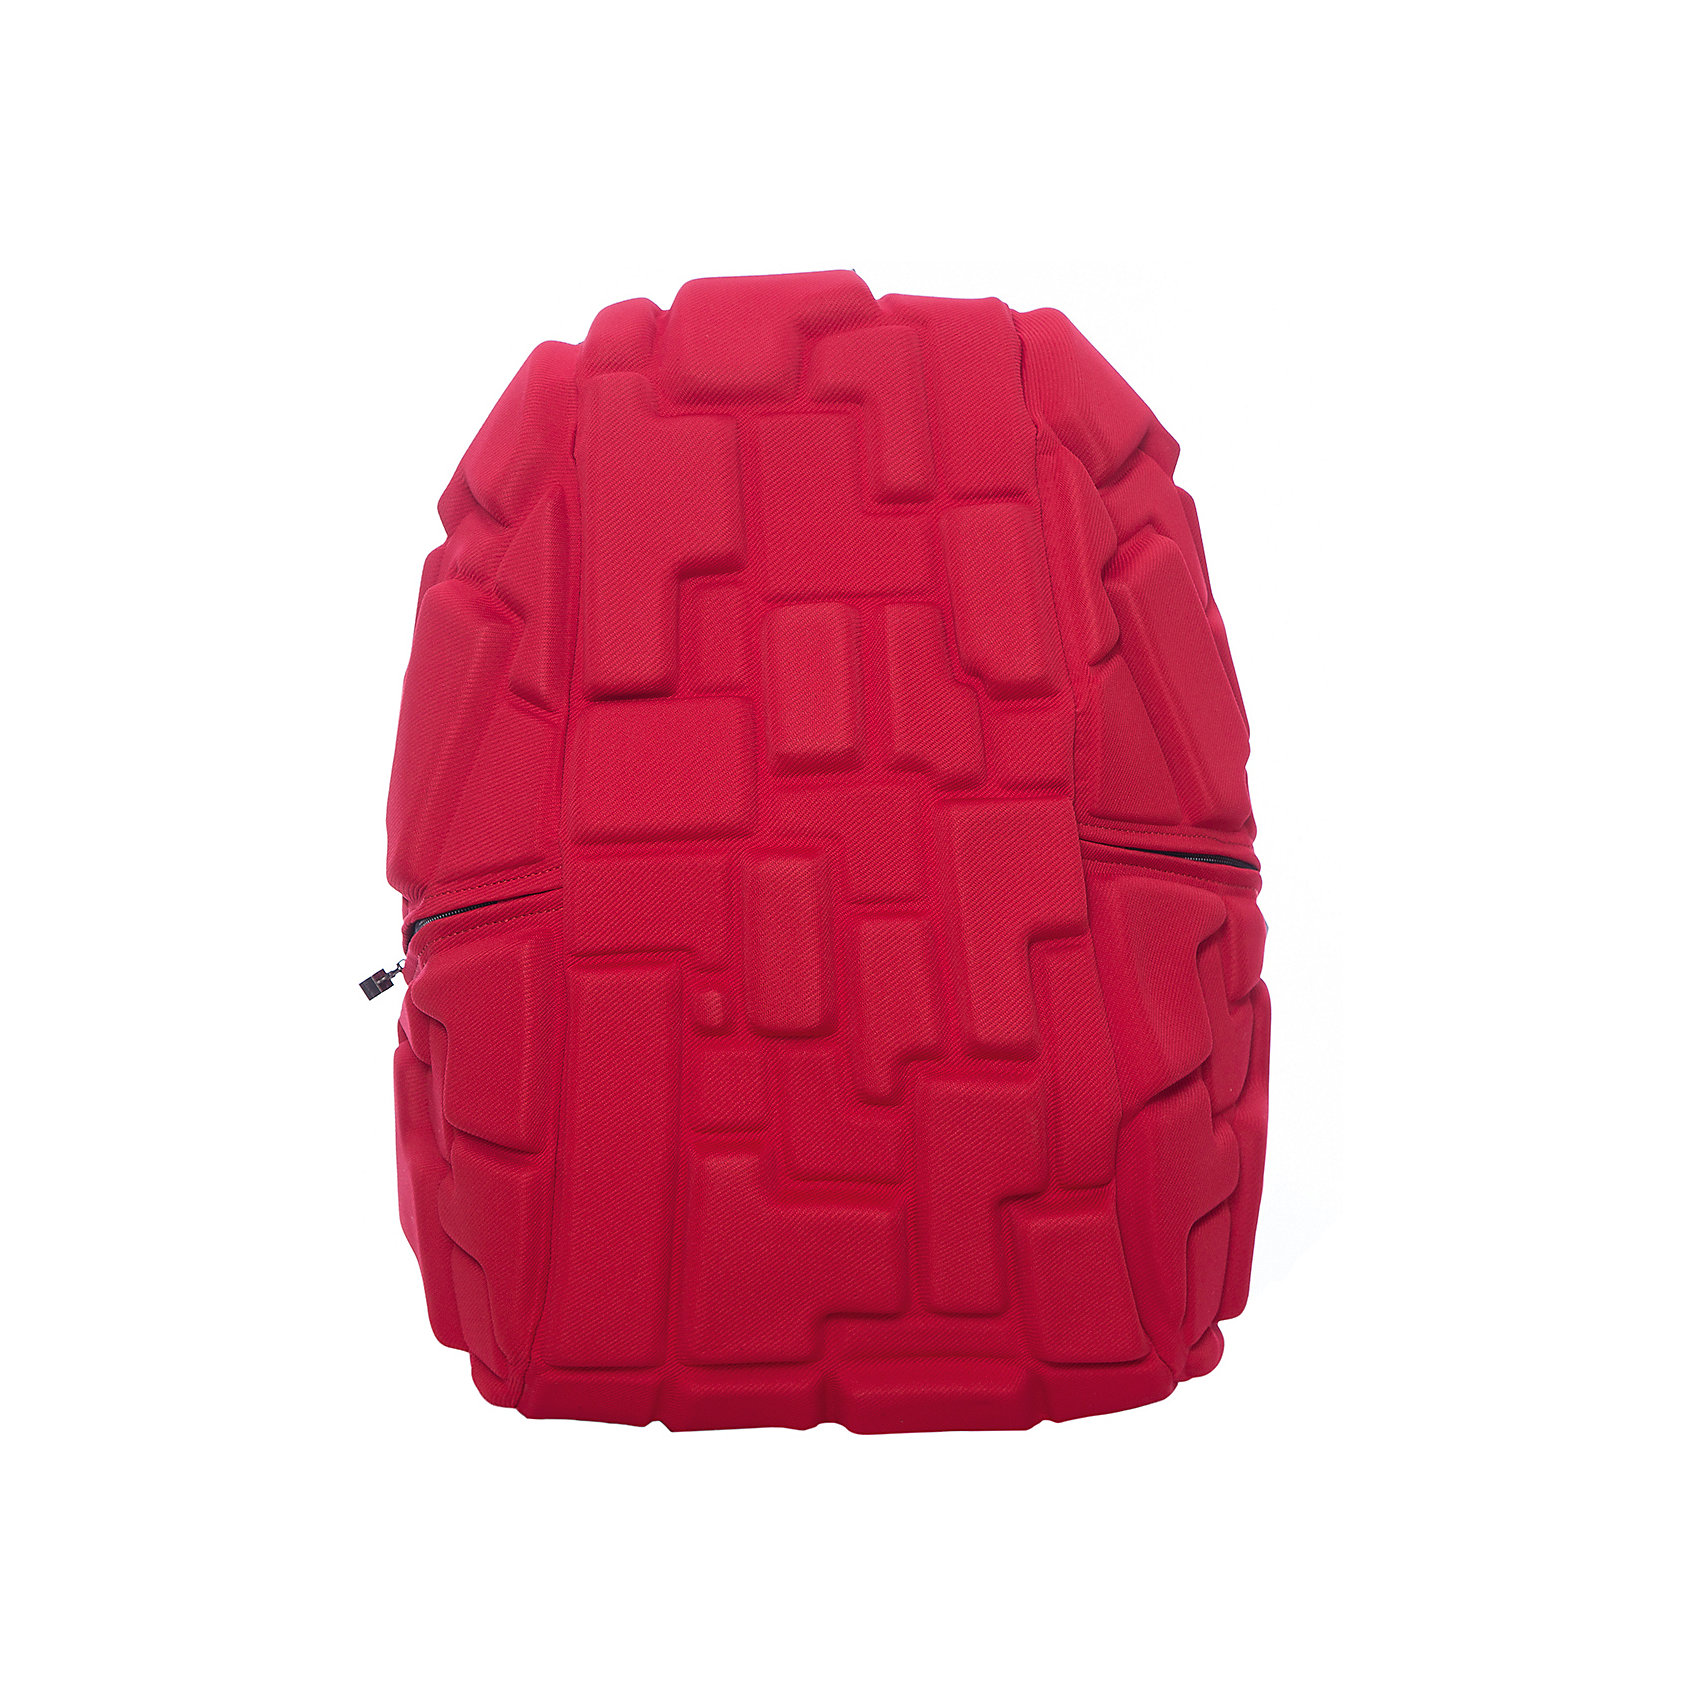 Рюкзак Blok Full, цвет 4-Alarm Fire! (красный)Рюкзаки<br>Характеристики товара:<br><br>• цвет: 4-Alarm Fire! (красный);<br>• возраст: от 5 лет;<br>• вес: 0,8 кг;<br>• размер: 46х35х20 см;<br>• одно отделение на молнии;<br>• вместительный;<br>• лямки регулируются по высоте;<br>• ортопедическая спинка;<br>• карман - окошко для контактной информации;<br>• материал: полиспандекс;<br>• страна бренда: США;<br>• страна изготовитель: Китай.<br><br>Рюкзак Madpax не перепутаешь ни с каким другим рюкзаком! Его уникальность в неповторимом дизайне. Рельефное покрытие рюкзака «Blok Full» напоминает футуристические строительные блоки.<br><br>Просторный внутри, он способен вместить практически все вещи владельца. Наличие эргономичных ручек дает возможность без лишних усилий переносить тяжелую сумку за спиной. Лямки оснащены фиксатором в области груди. Ортопедическая спинка с вентилируемым материалом создаст комфорт. Внутри 2 отделения: большое для основных вещей и отделение для ноутбука или планшета с диагональю до 17 дюймов. По бокам - два дополнительных кармана на молнии для мелочей.<br><br>Рюкзак Madpax «Blok Full» можно купить в нашем интернет-магазине.<br><br>Ширина мм: 460<br>Глубина мм: 350<br>Высота мм: 200<br>Вес г: 800<br>Возраст от месяцев: 60<br>Возраст до месяцев: 720<br>Пол: Унисекс<br>Возраст: Детский<br>SKU: 7054118